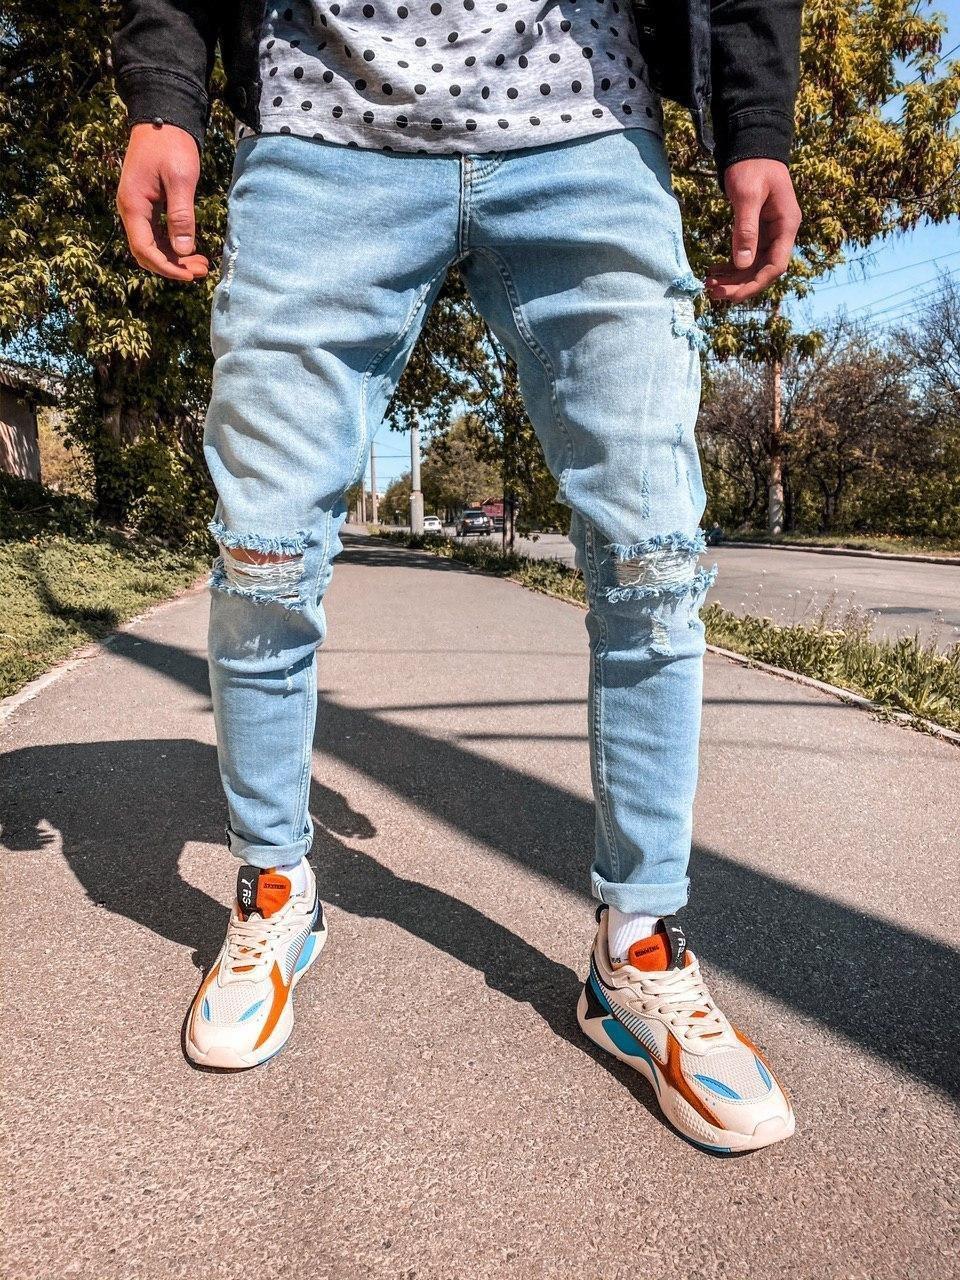 Джинсы - мужские голубые джинсы рваные хорошего качества